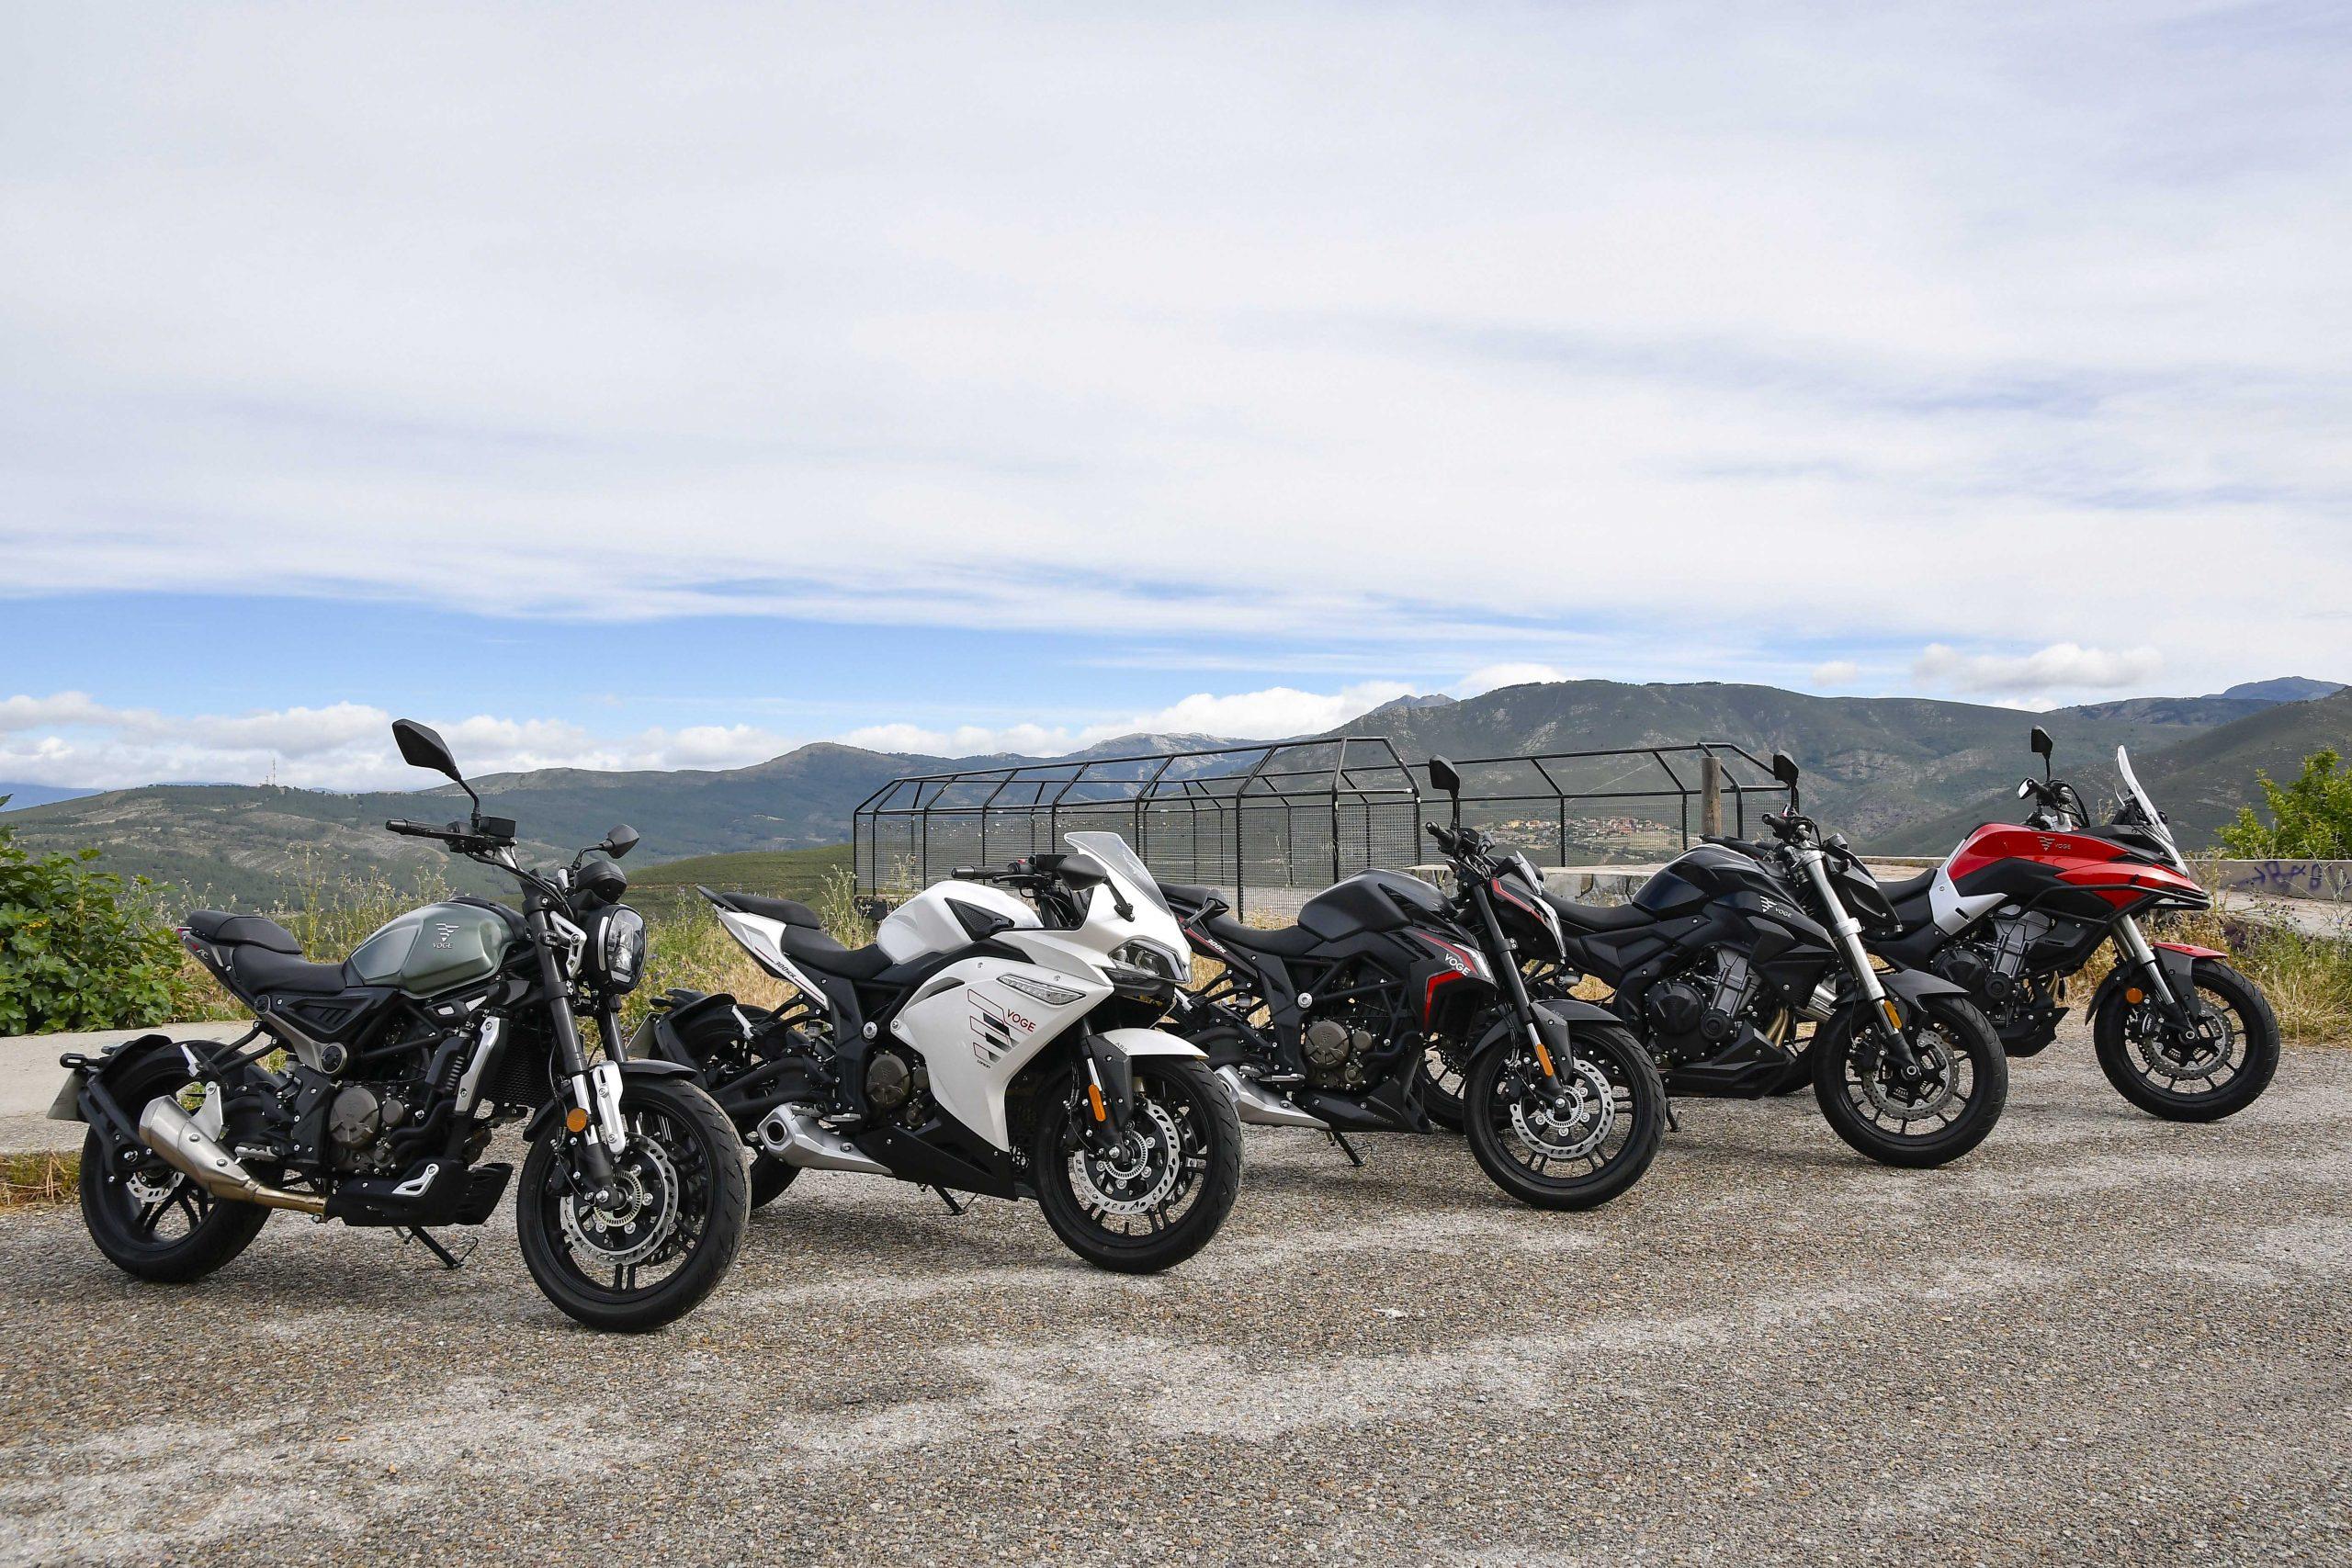 Cinco motos expuestas en una presentación de motos